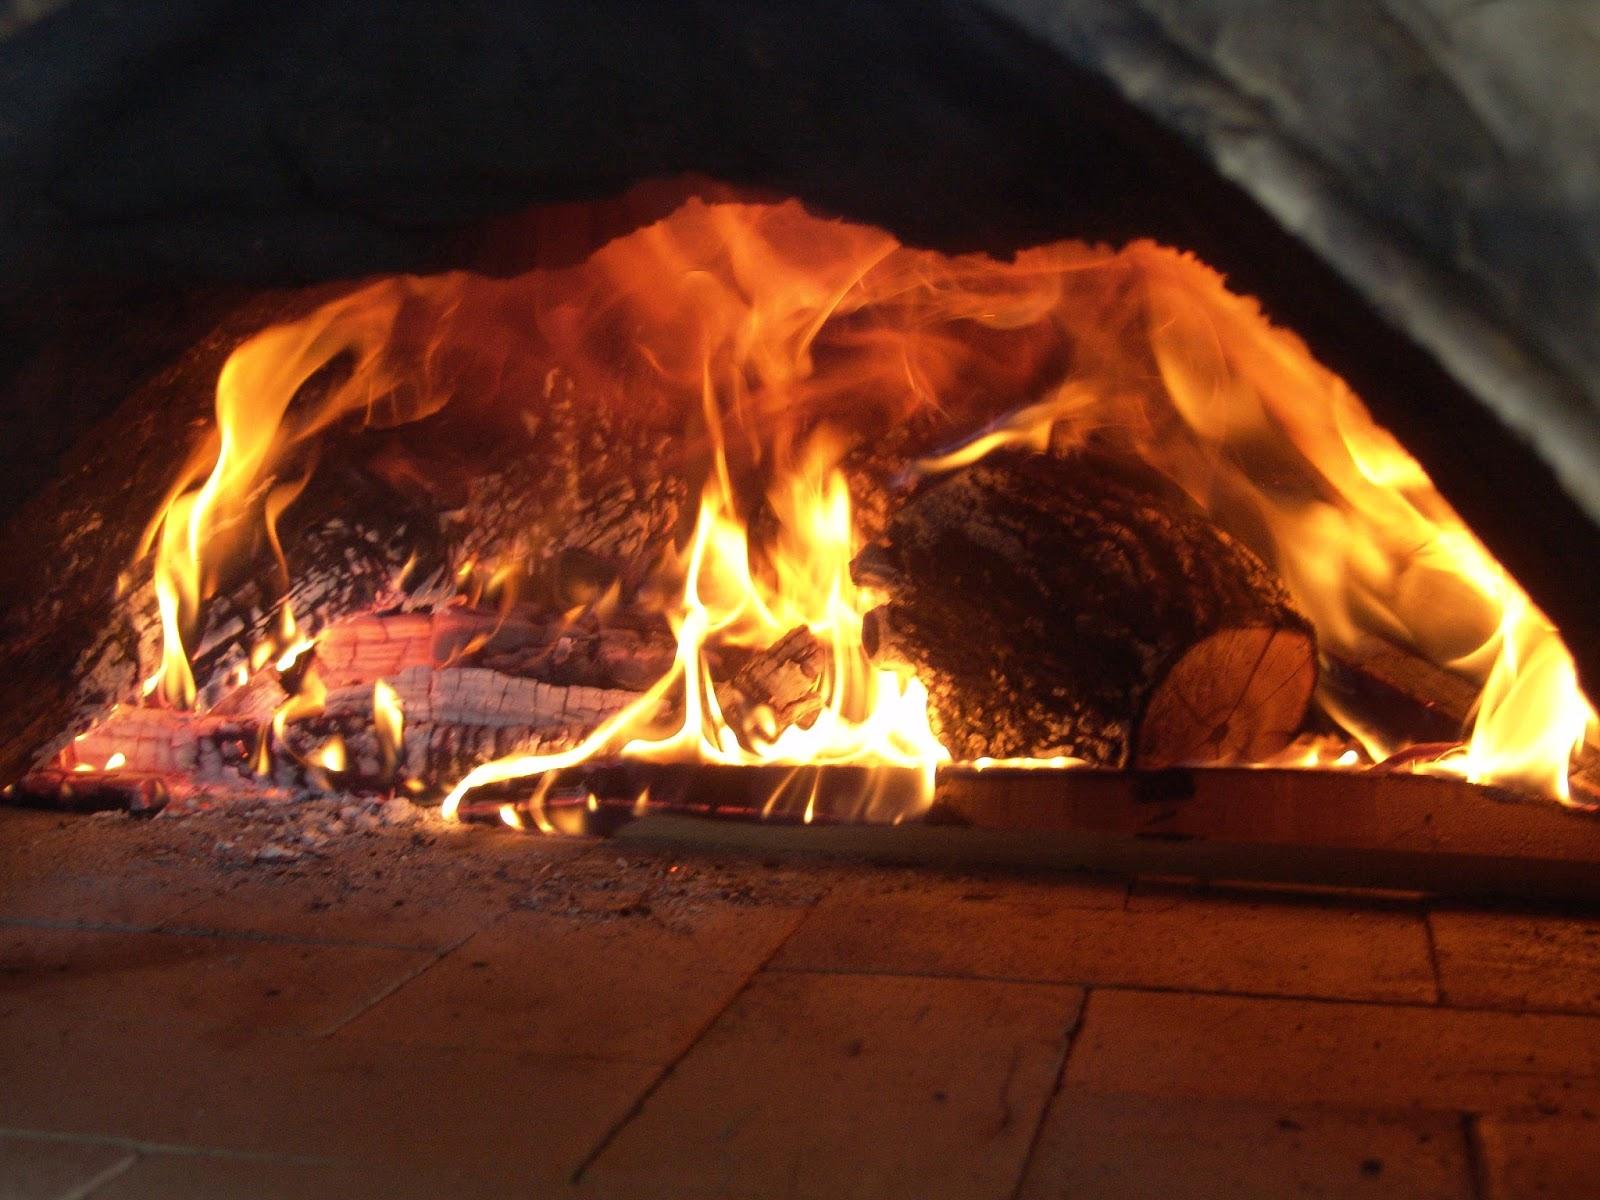 Conchiglie il bacio del pane di carmine abate for Spartifiamma forno a legna